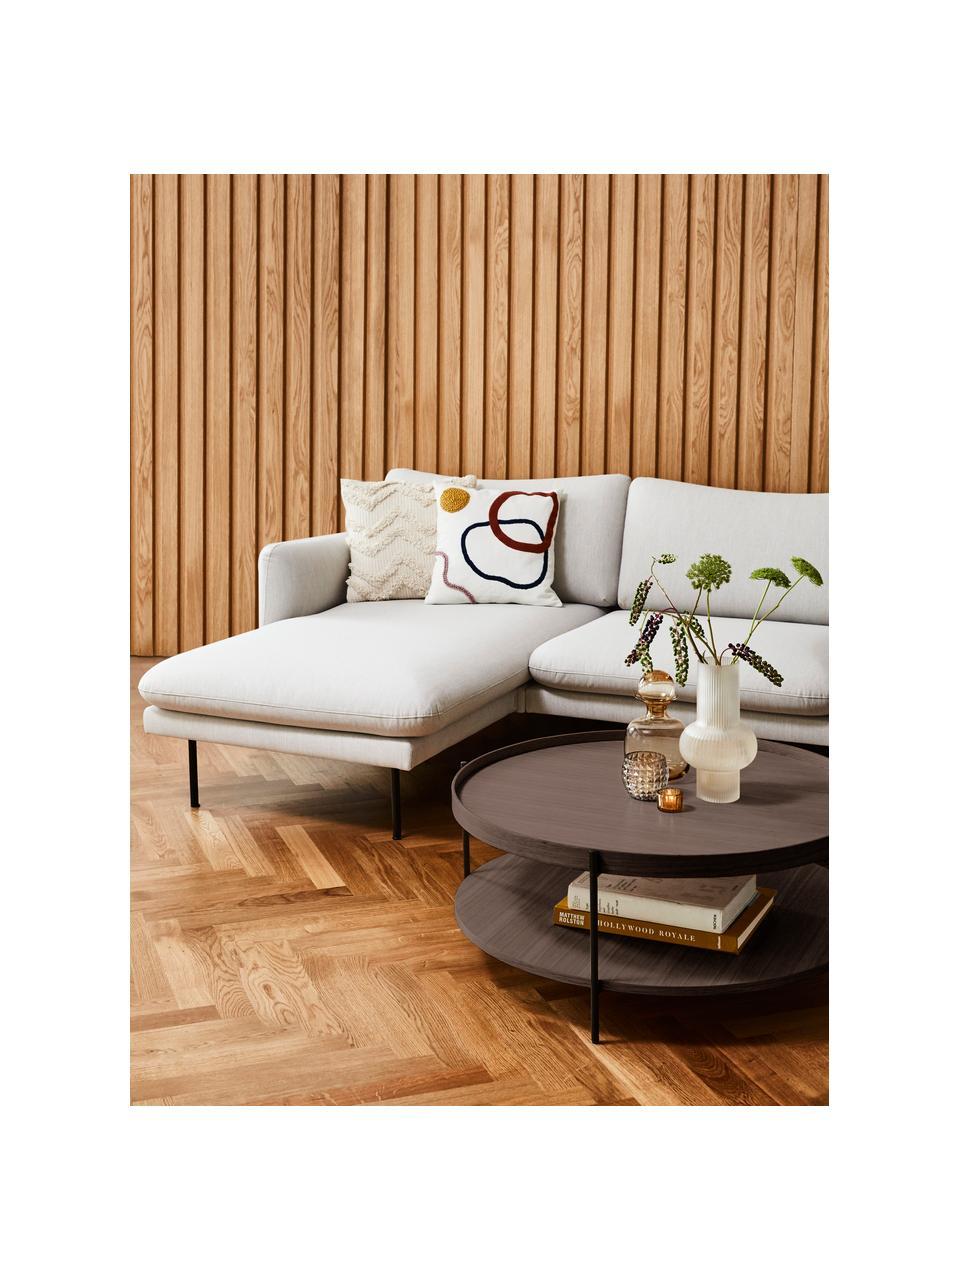 Grote salontafel Renee met opbergvak, Frame: gepoedercoat metaal, Bruin, Ø 90 x H 39 cm